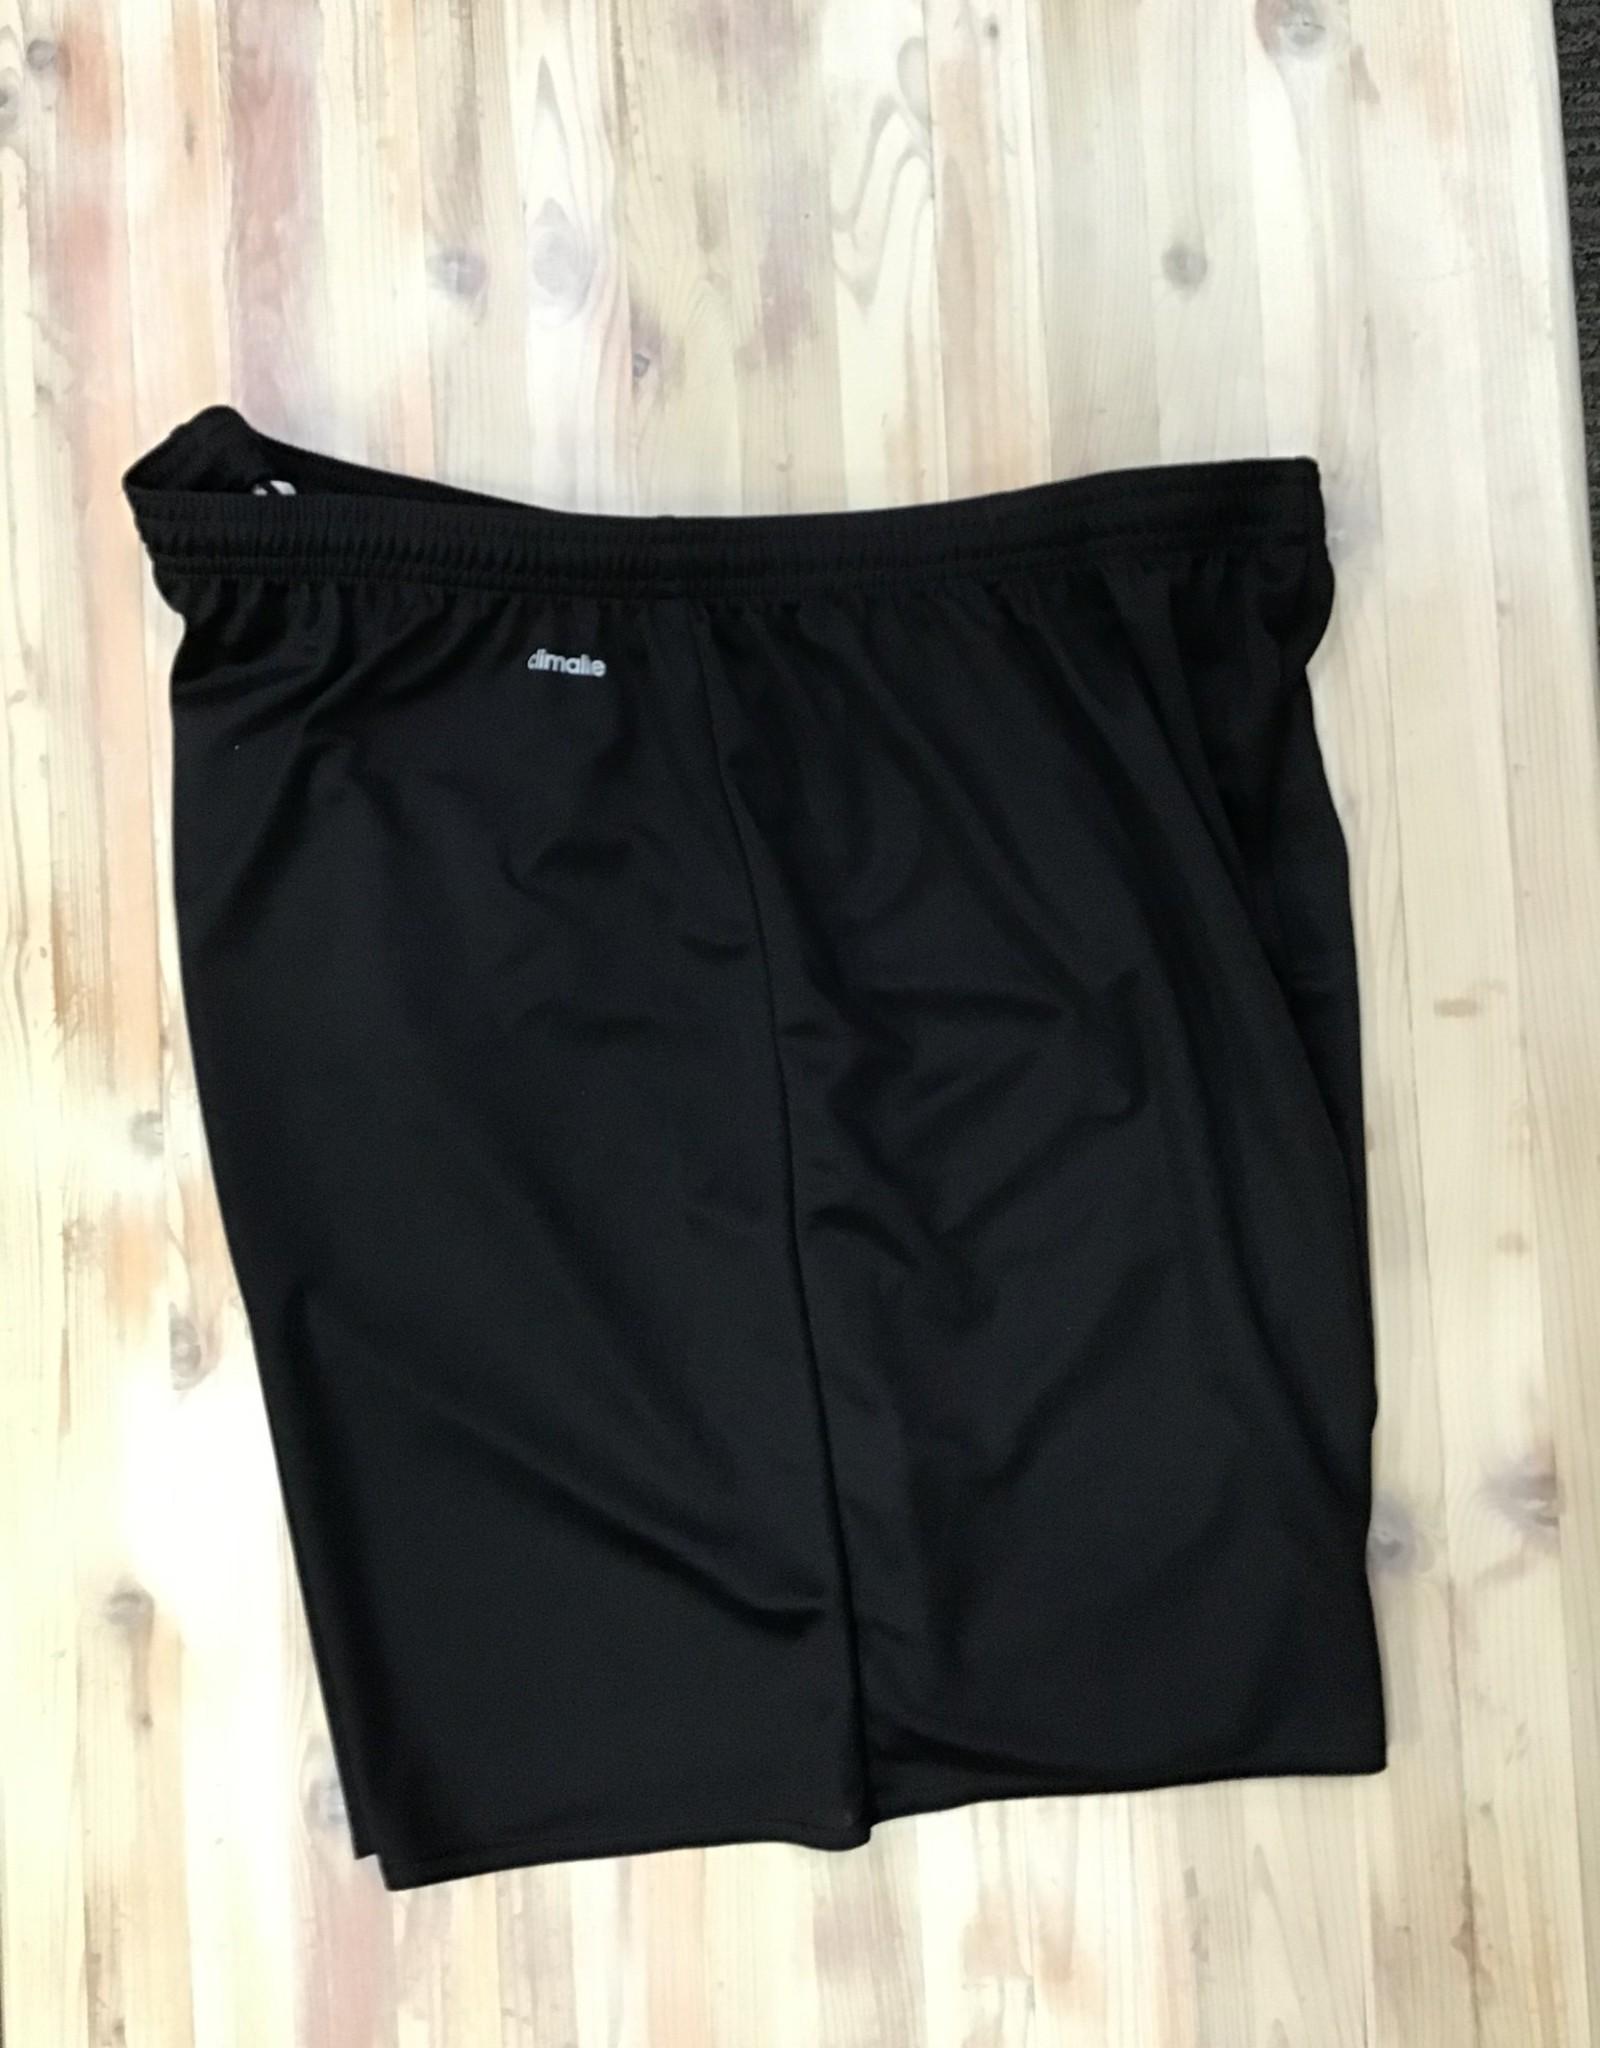 Adidas Adidas AJ5880 Parma 16 Short Men's